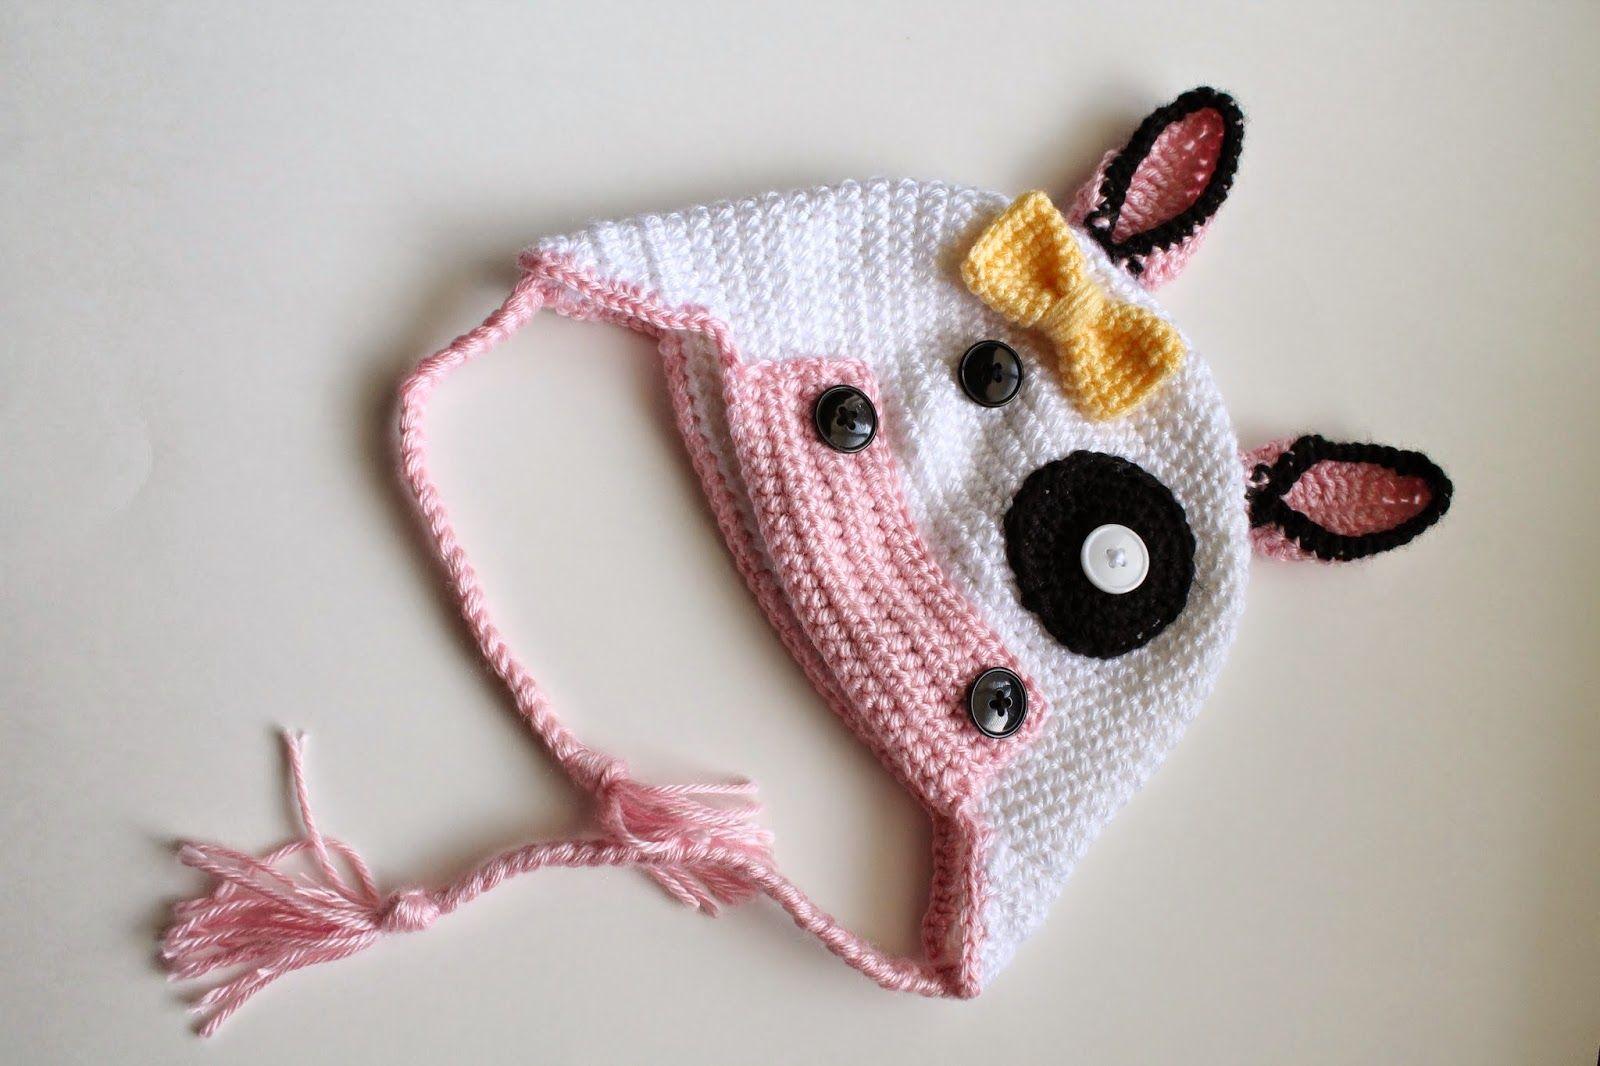 crochet cow hat (free pattern) | Crochet | Pinterest